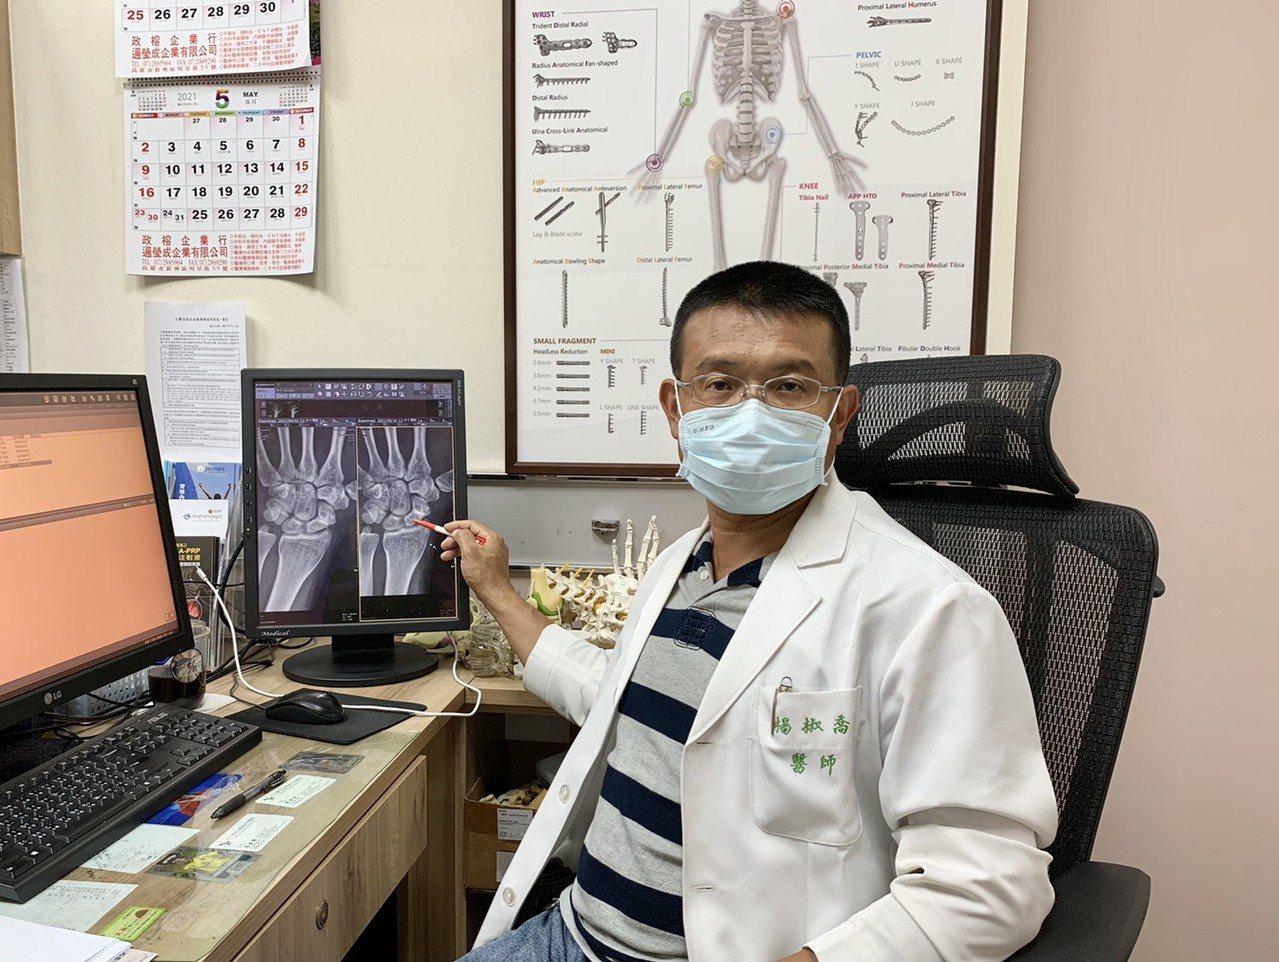 楊椒喬表示,手部小挫傷但疼痛依舊,要當心是否是骨折。 圖/王昭月 攝影